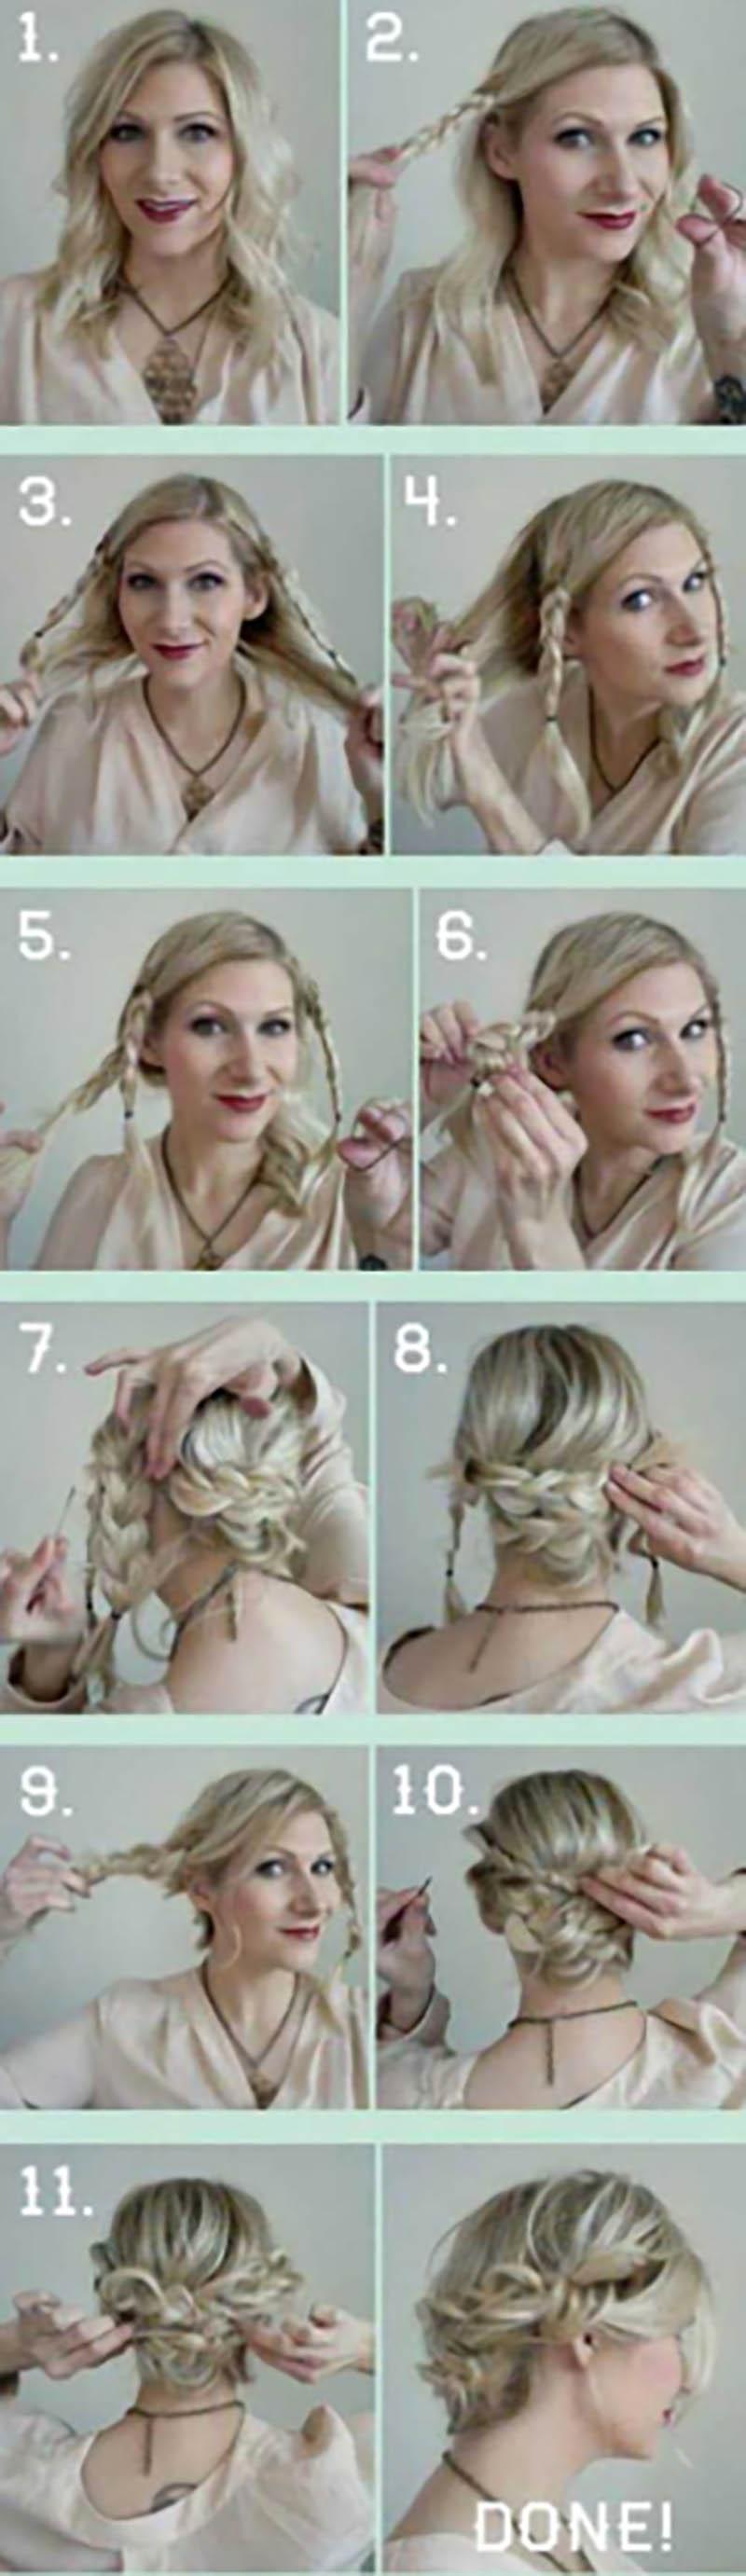 Cách tạo kiểu updo bốn bím tóc rối